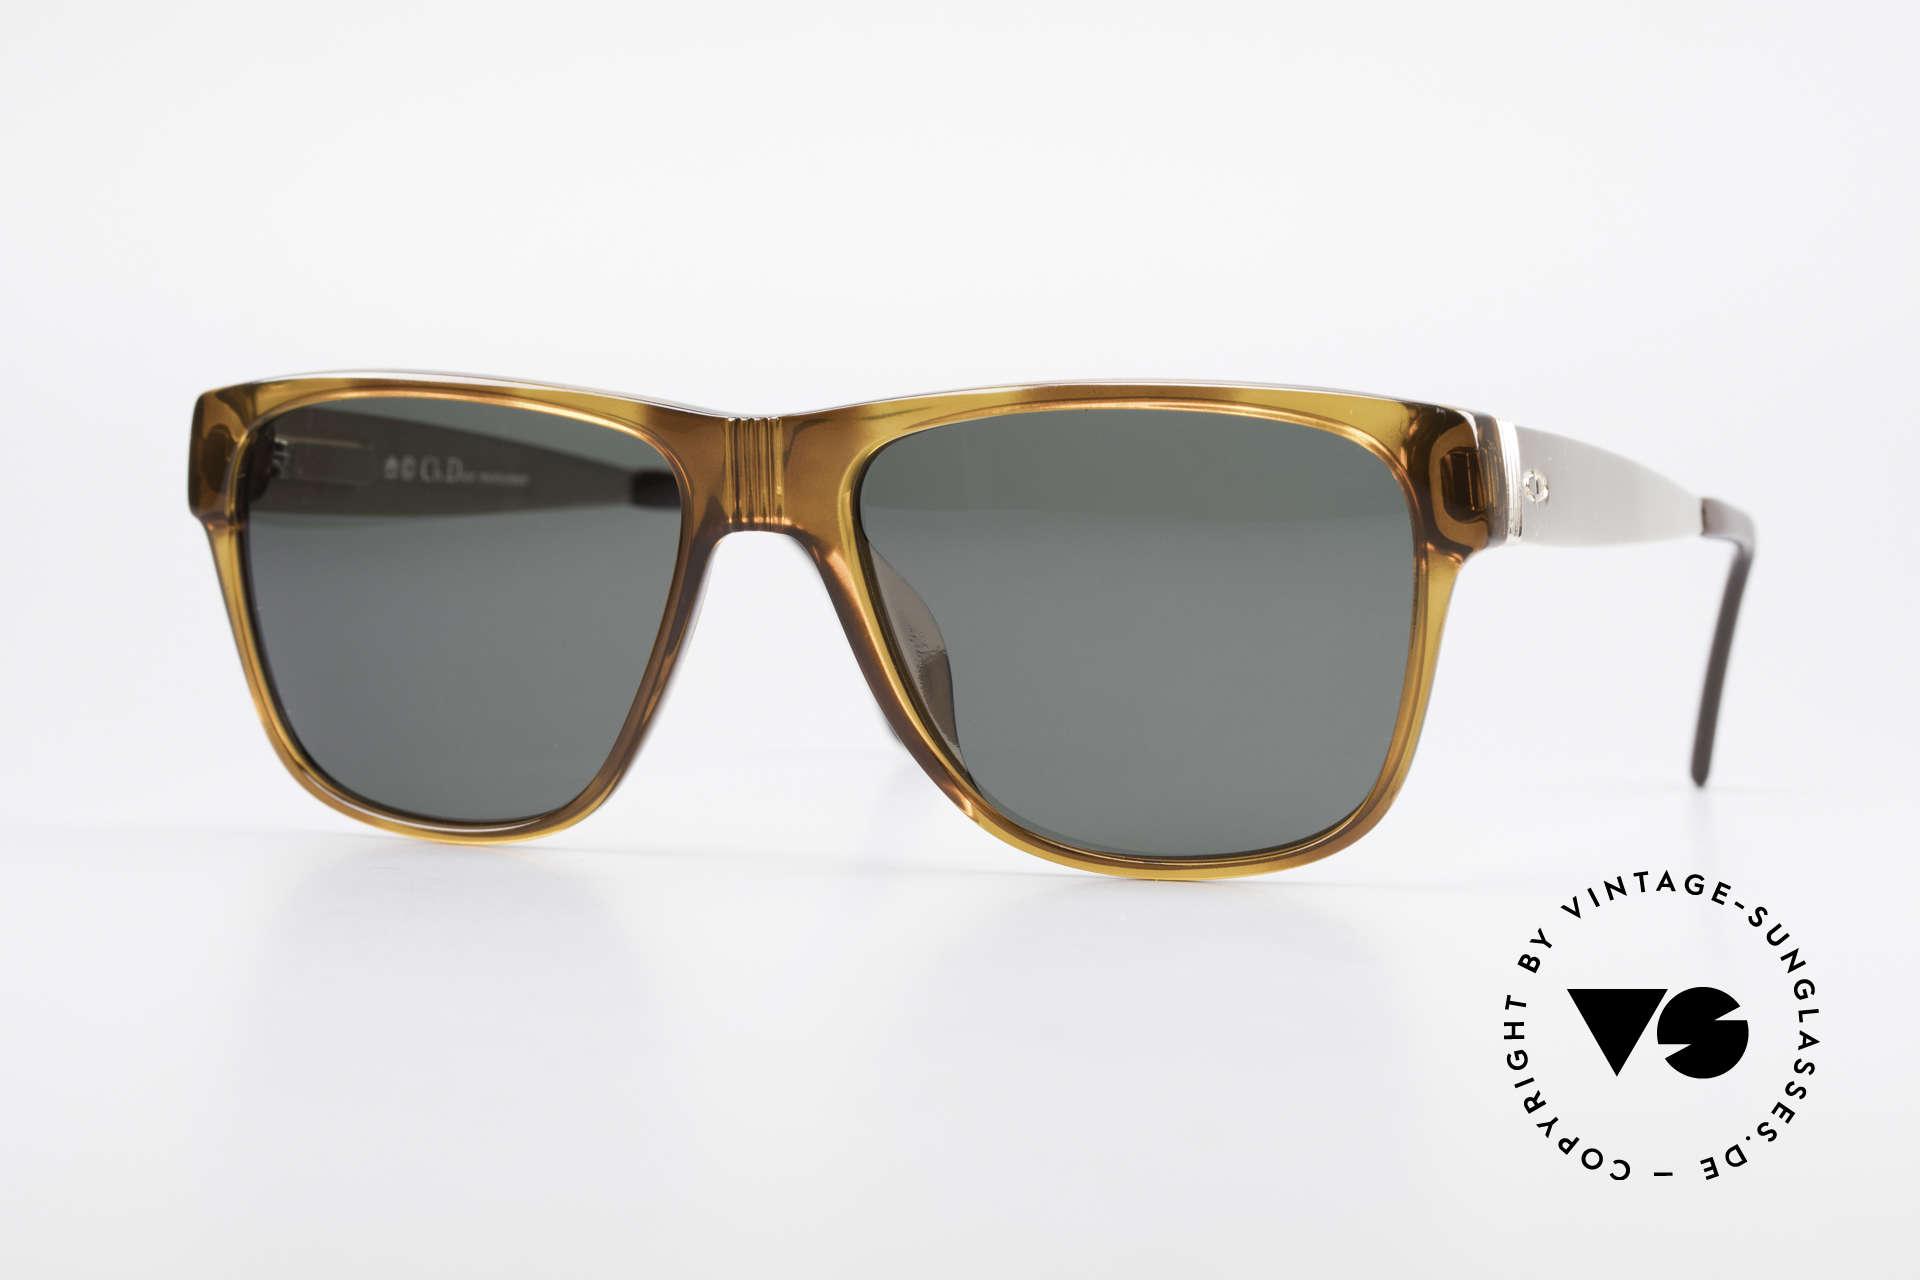 Christian Dior 2406 Vintage Dior Monsieur Series, Christian Dior vintage sunglasses from the early 1980's, Made for Men